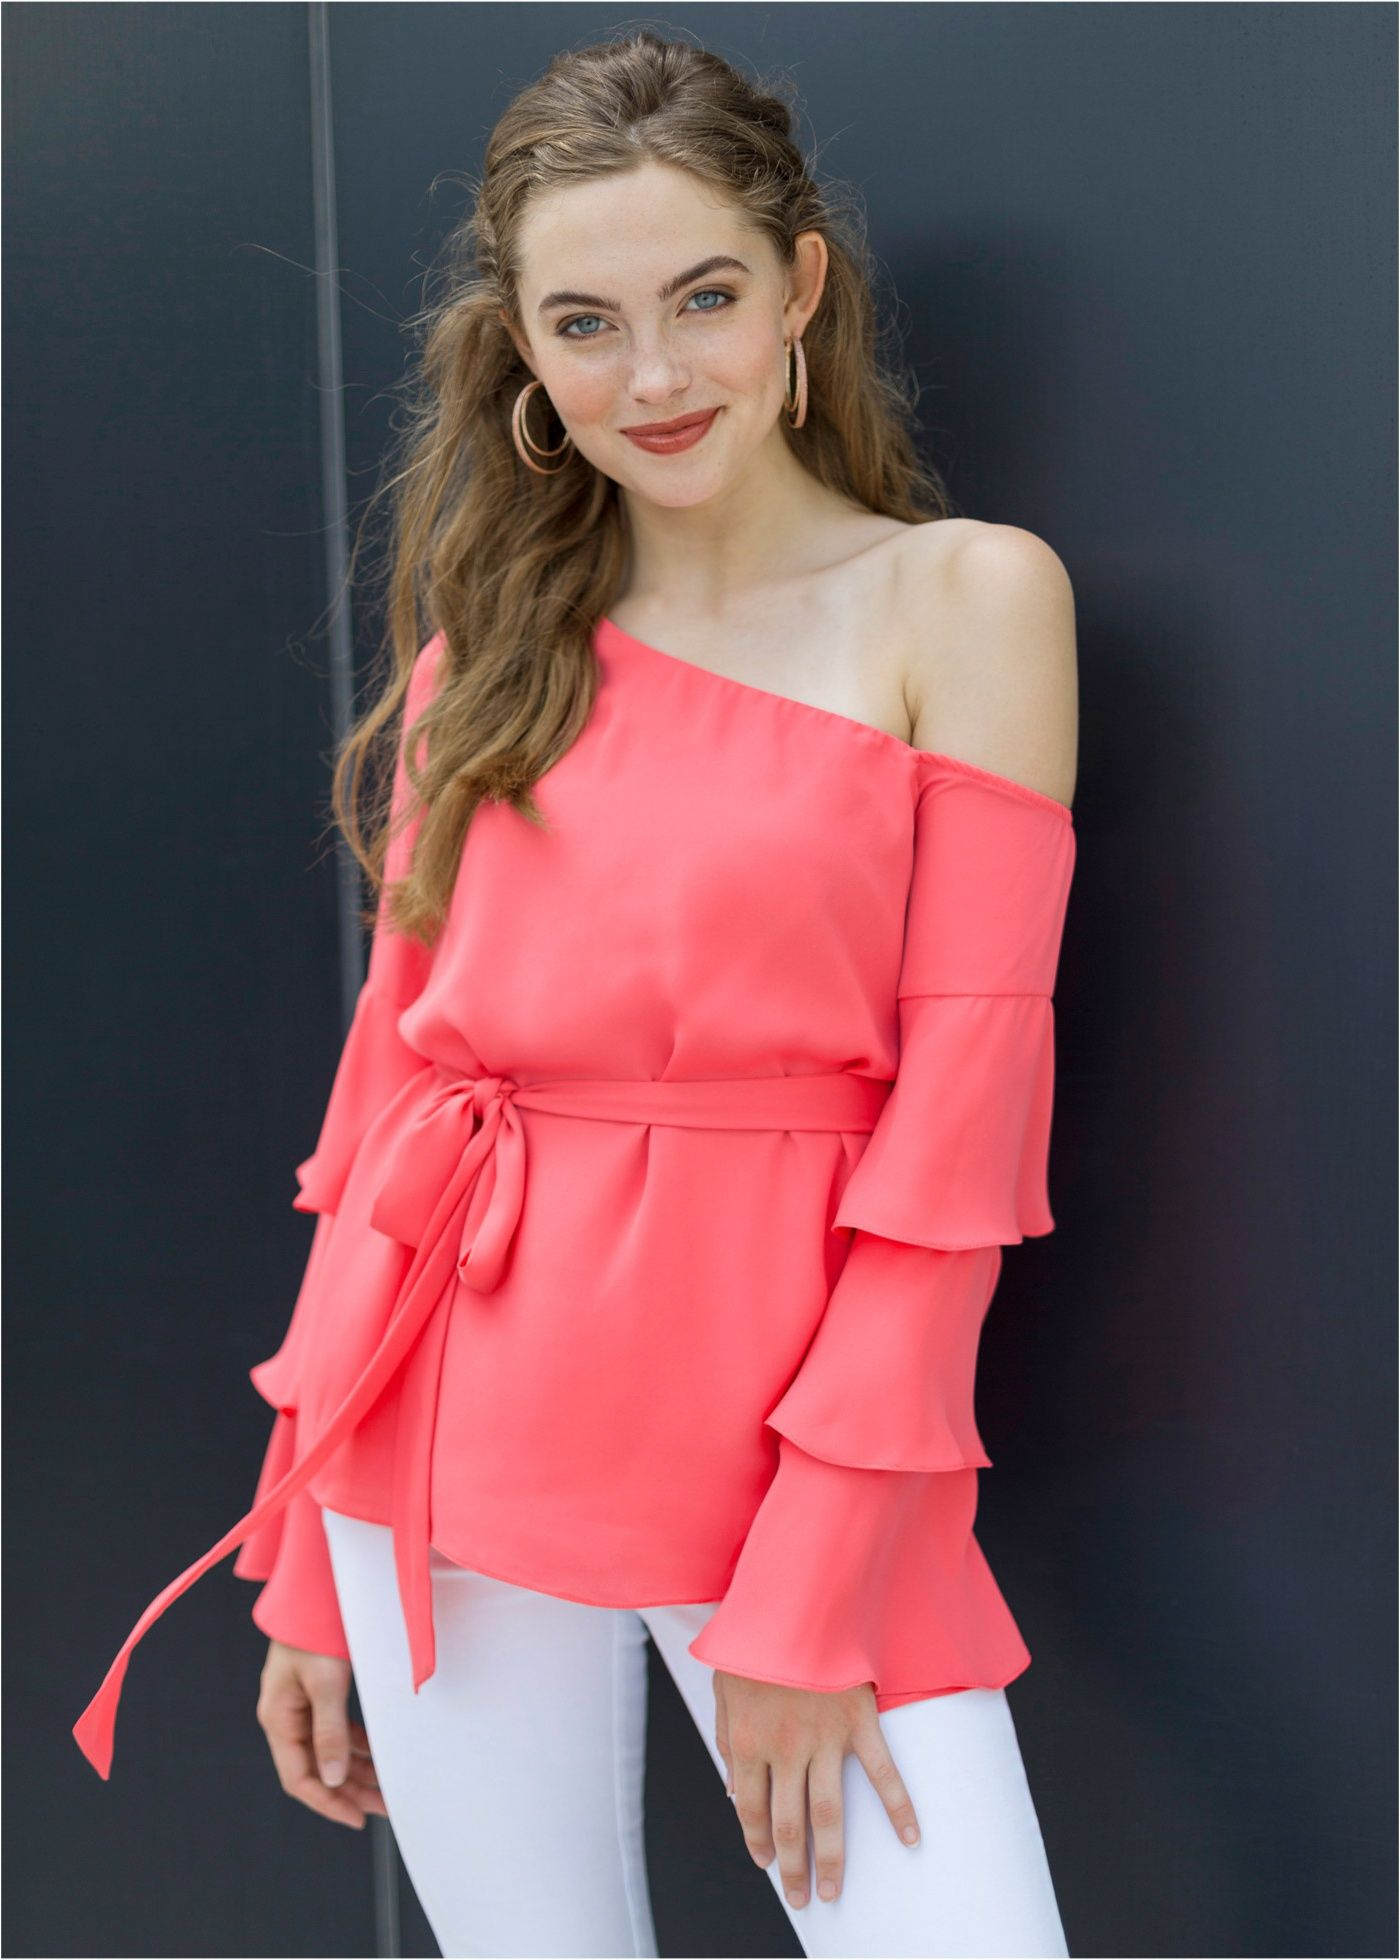 b2e91dd168 Blusa de um ombro só rosa encomendar agora na loja on-line bonprix ...